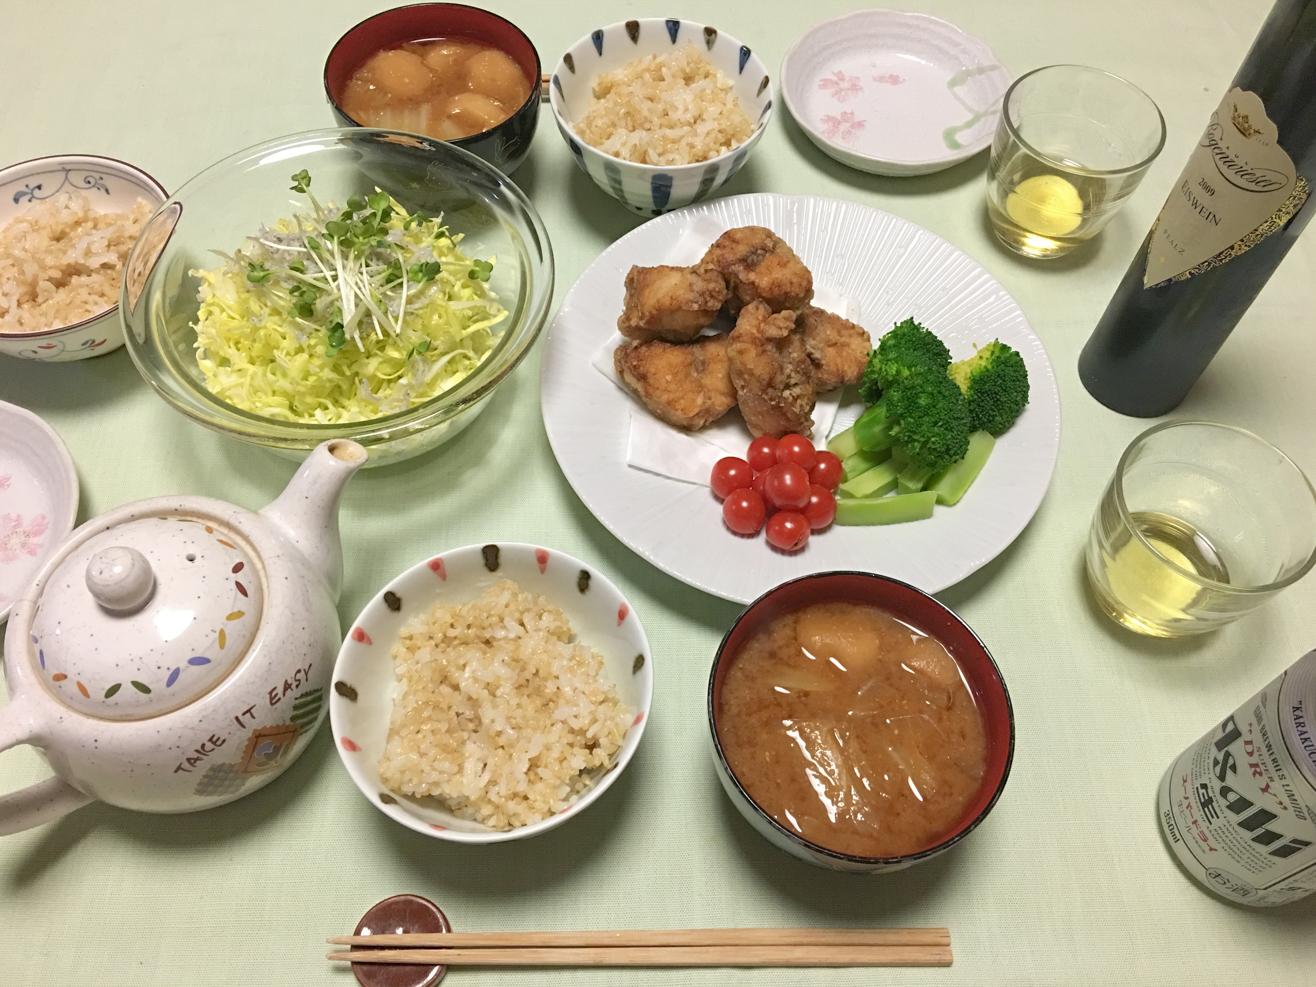 ふぐの唐揚げ中心の夕食の写真